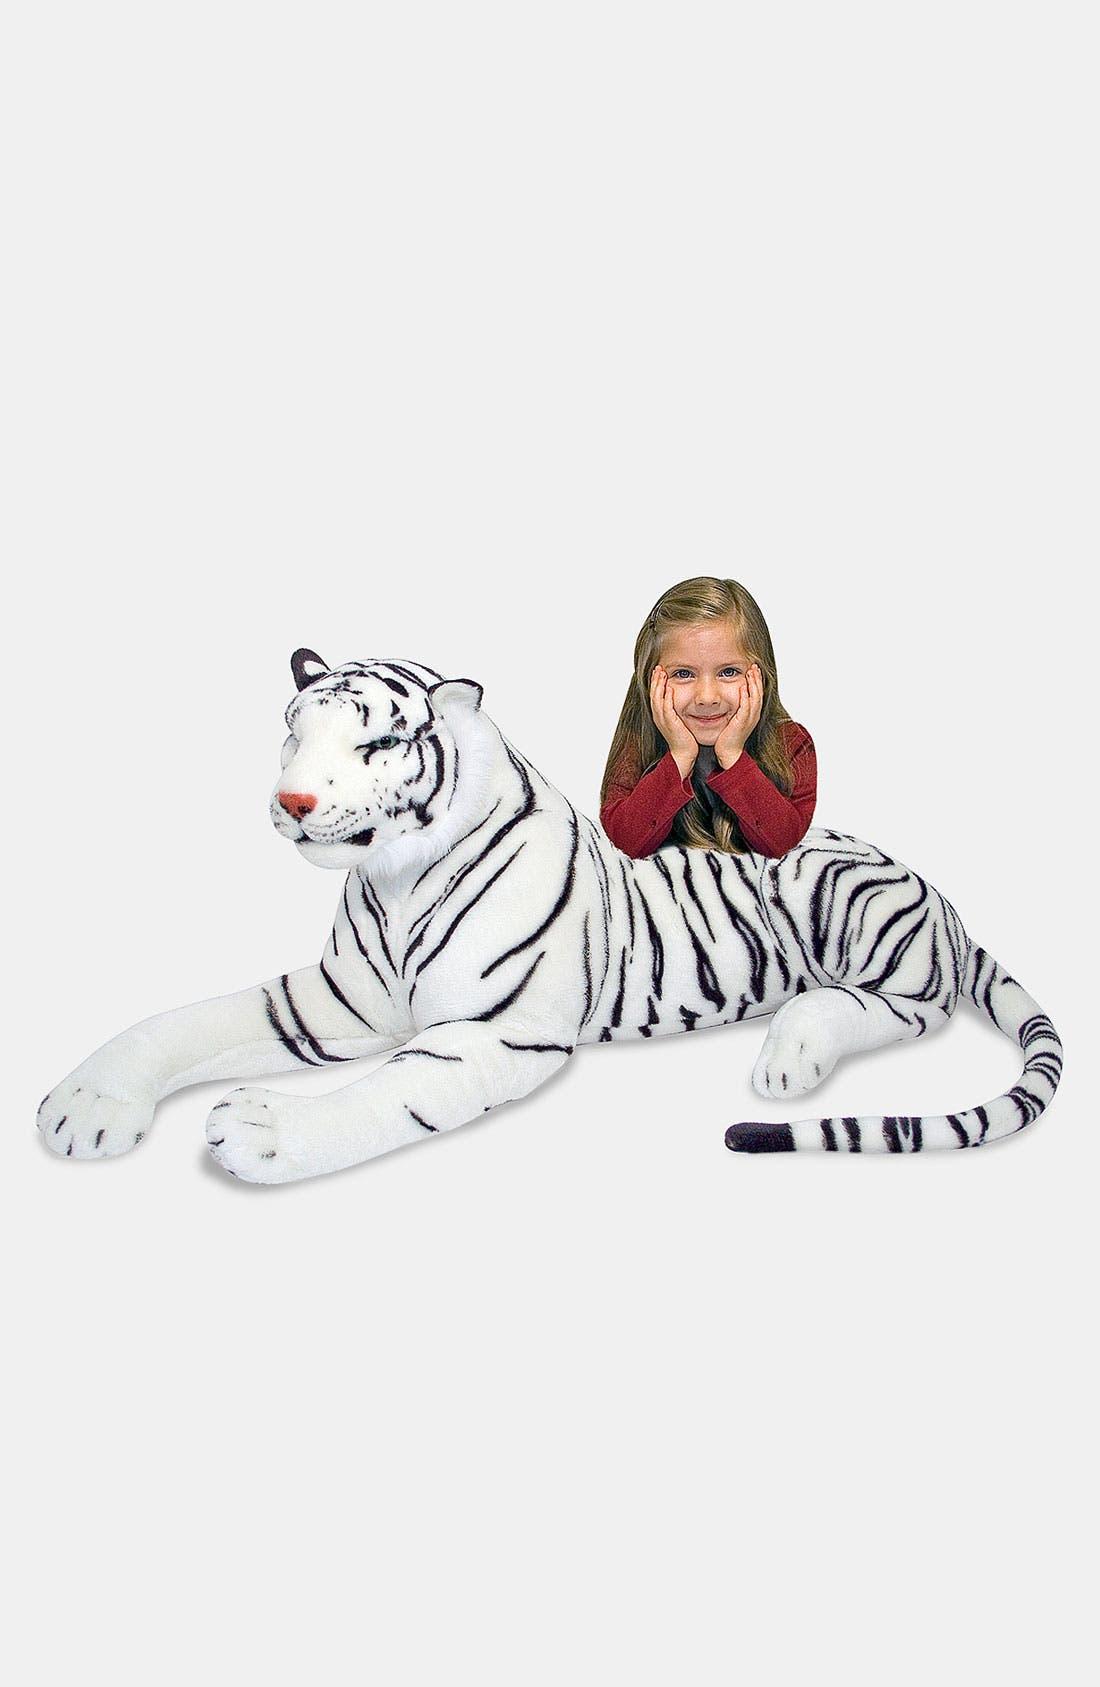 Alternate Image 1 Selected - Melissa & Doug Oversized Plush Stuffed White Tiger